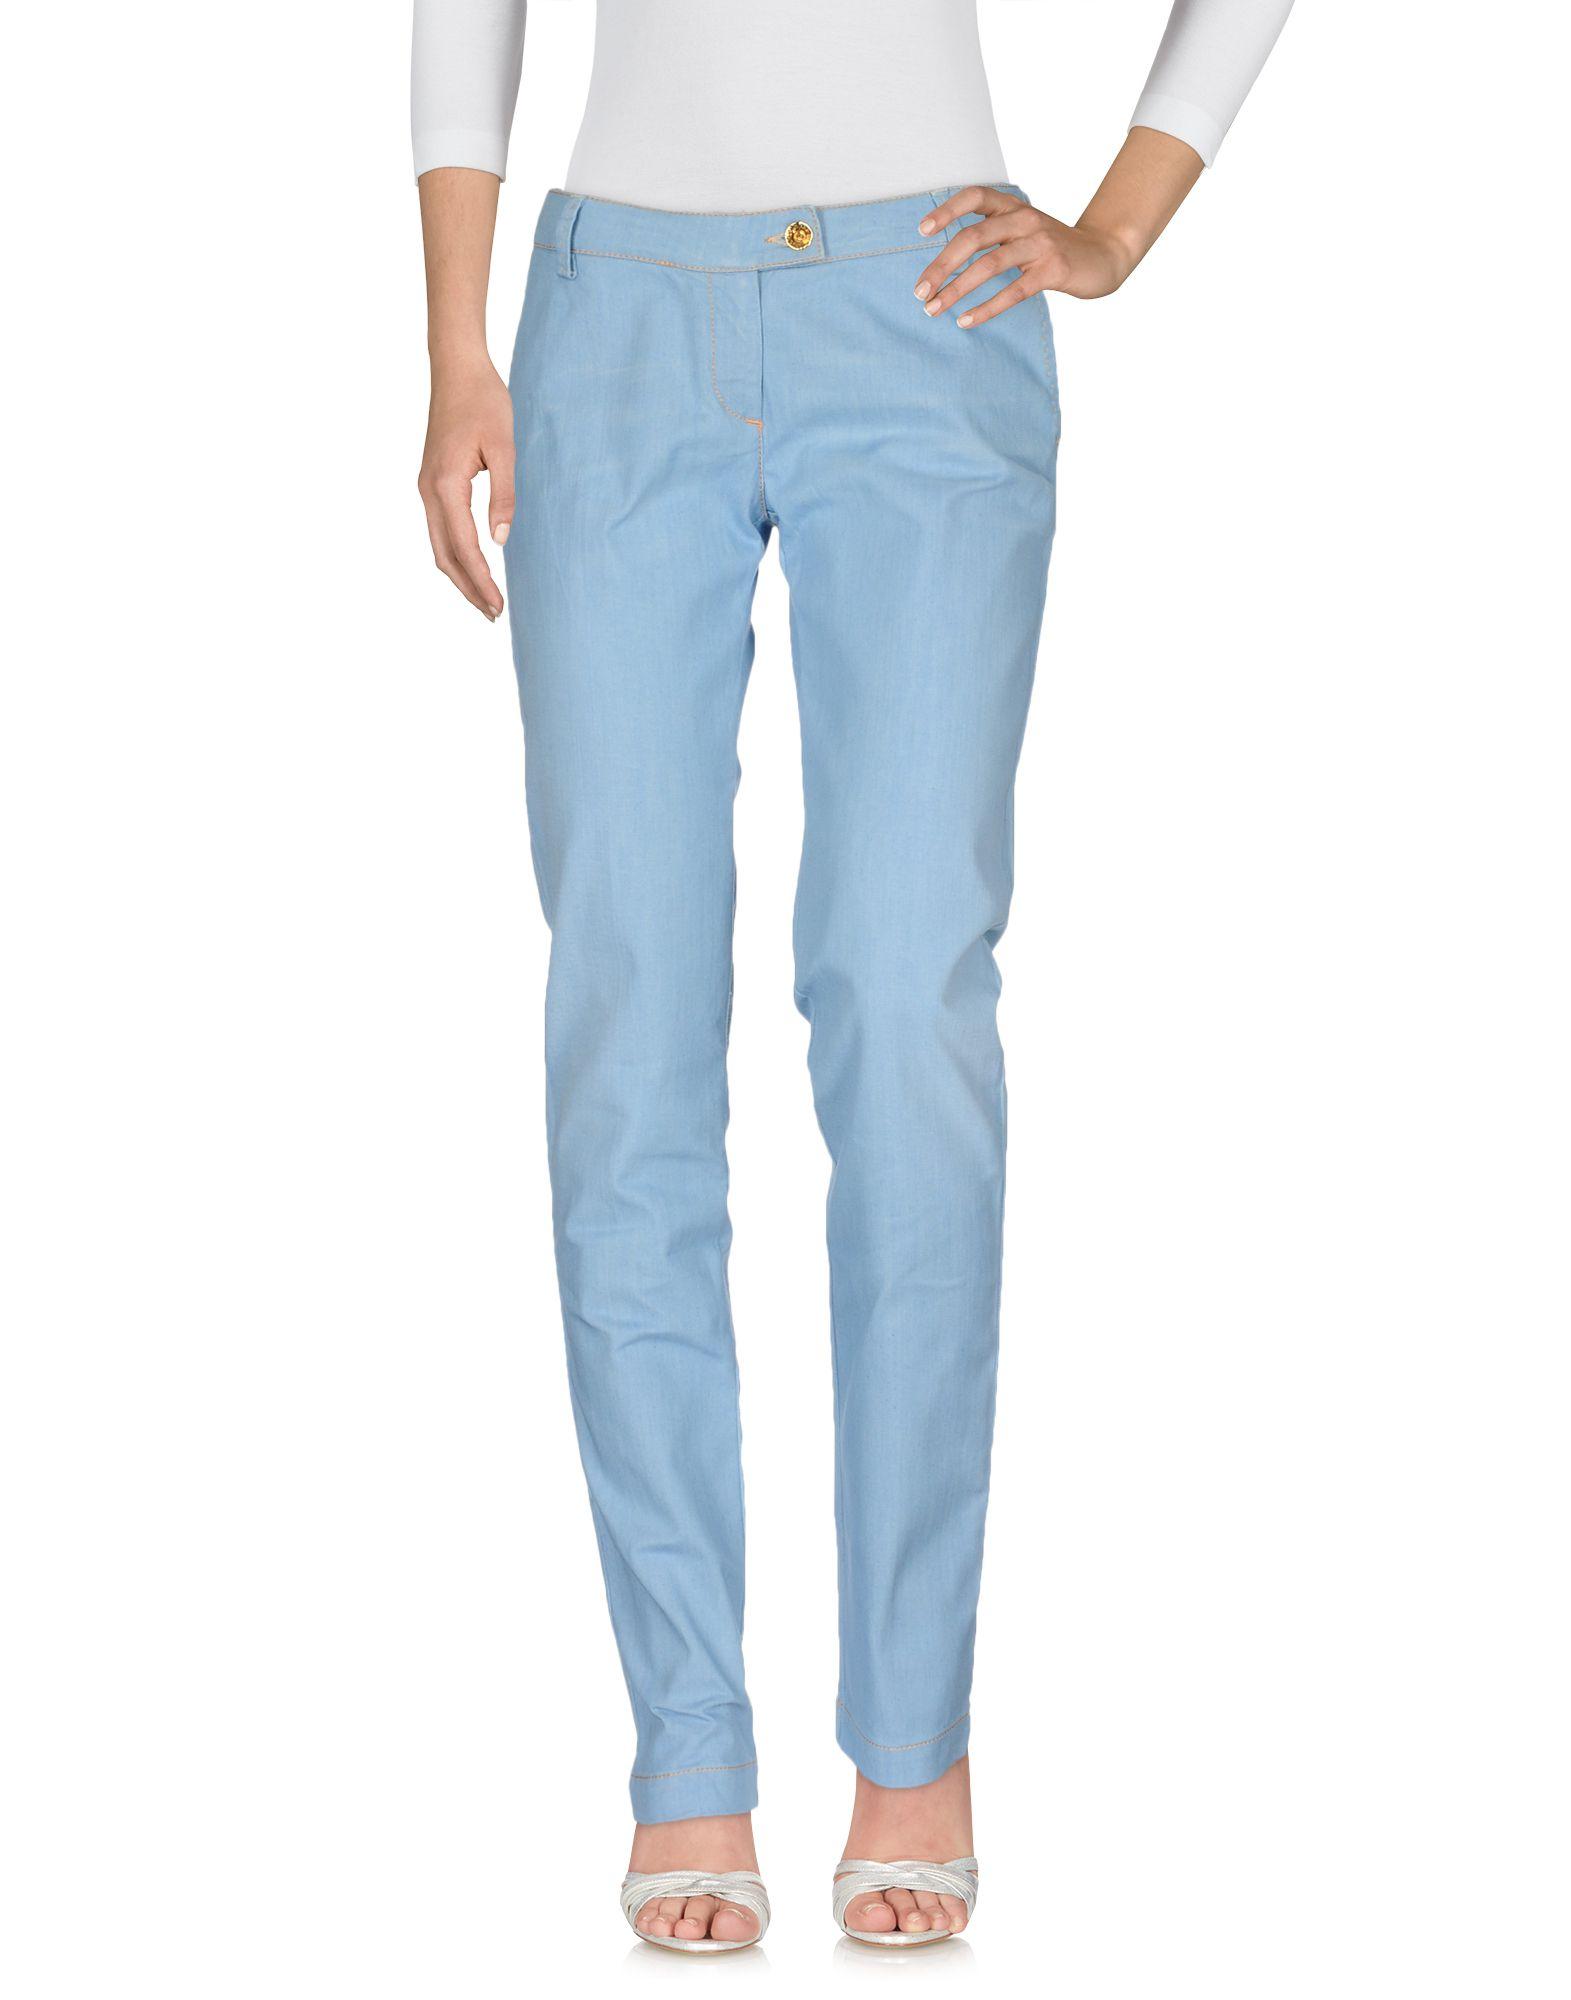 JACOB COHЁN Джинсовые брюки женские брюки лэйт светлый размер 50